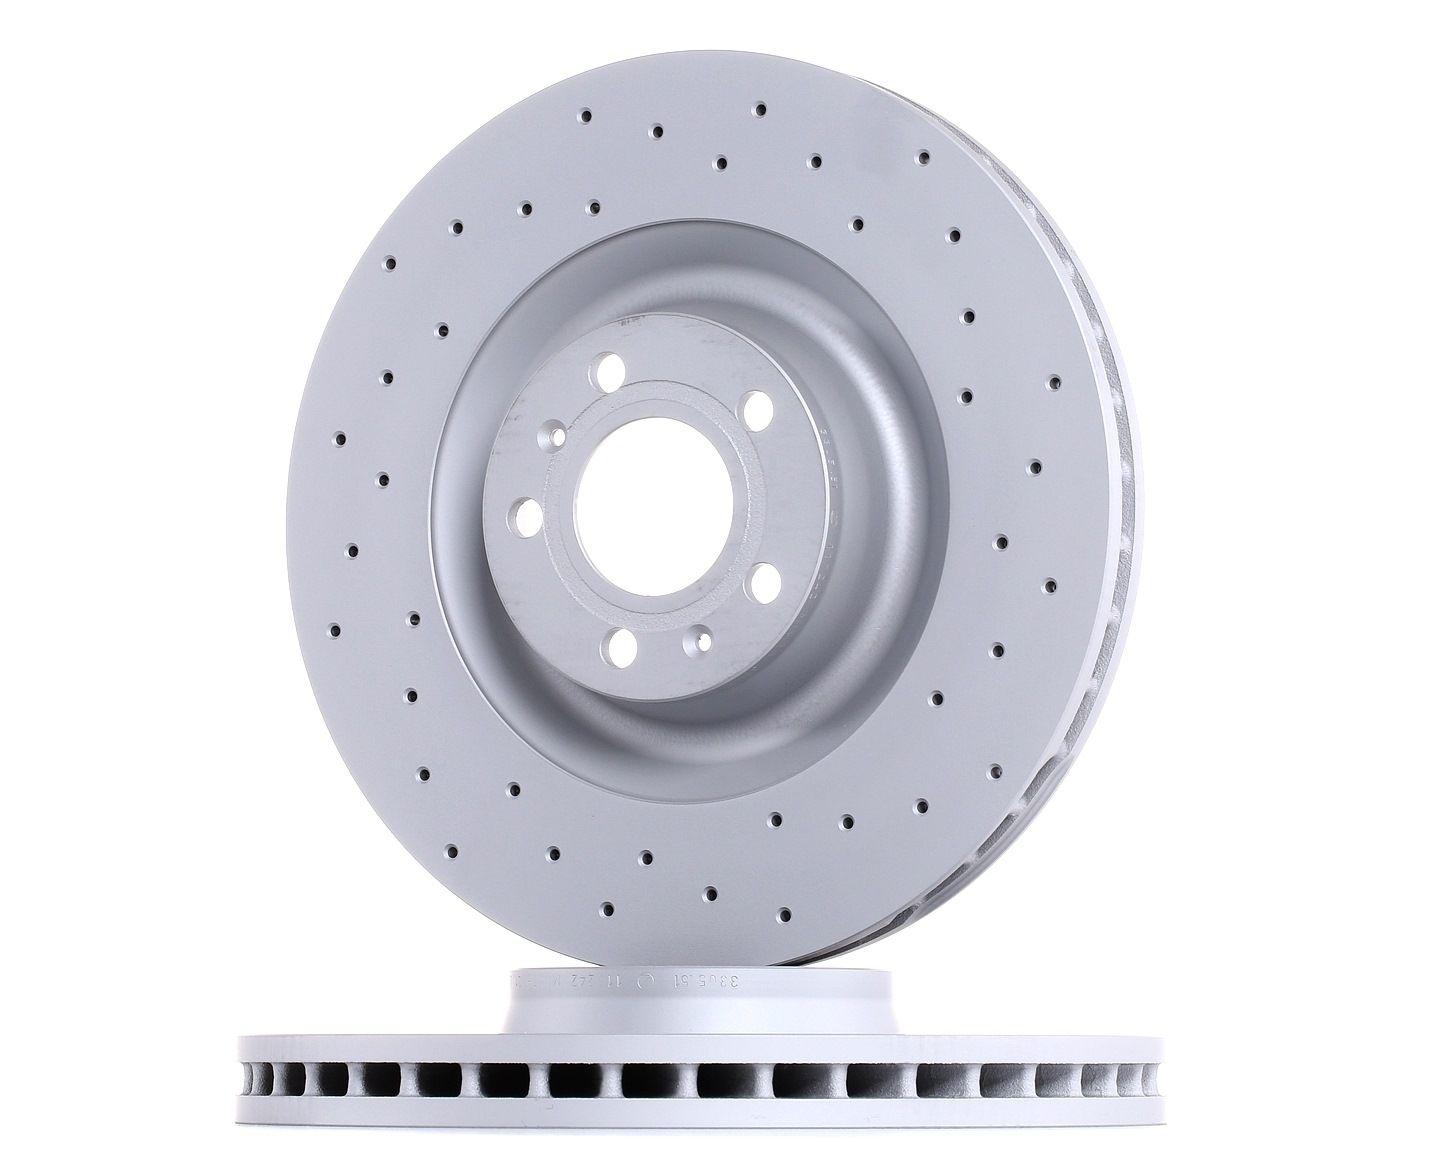 ZIMMERMANN Disc Brakes VW,AUDI 100.3305.52 4E0615301P,4E0615301P Brake Rotors,Brake Discs,Disk Brakes,Brake Disc